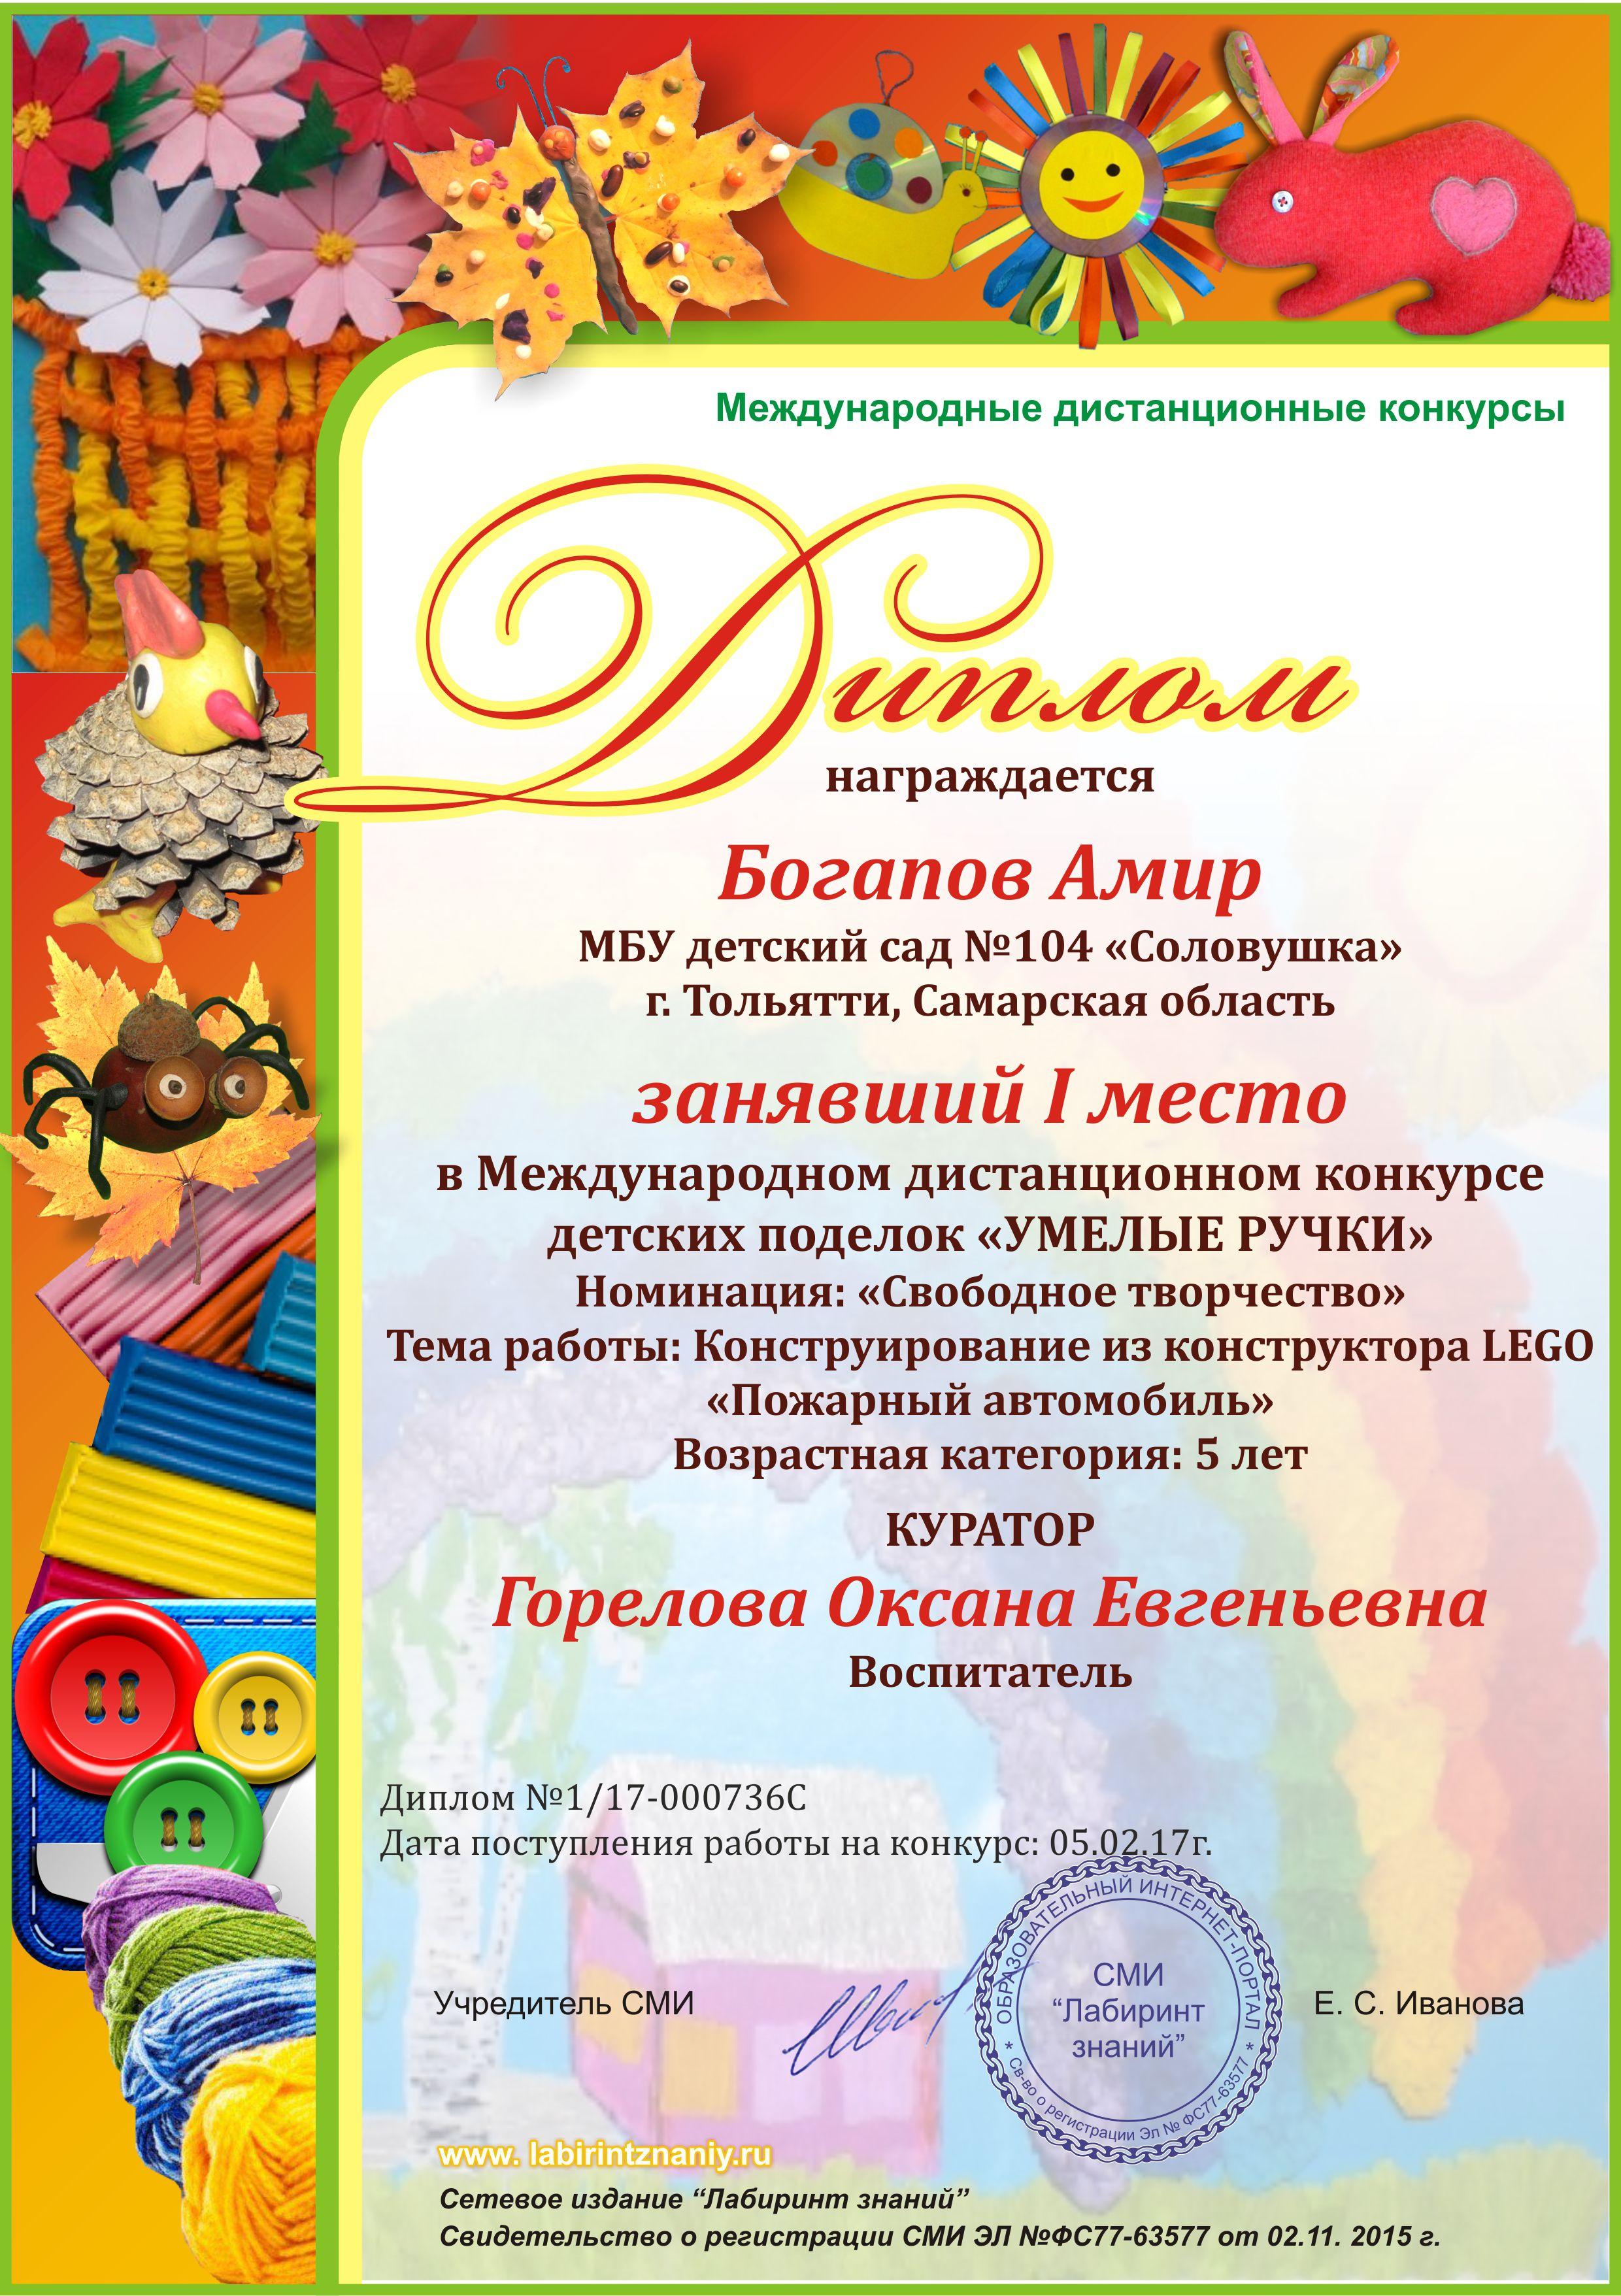 Всероссийские и международные дистанционные конкурсы для педагогов